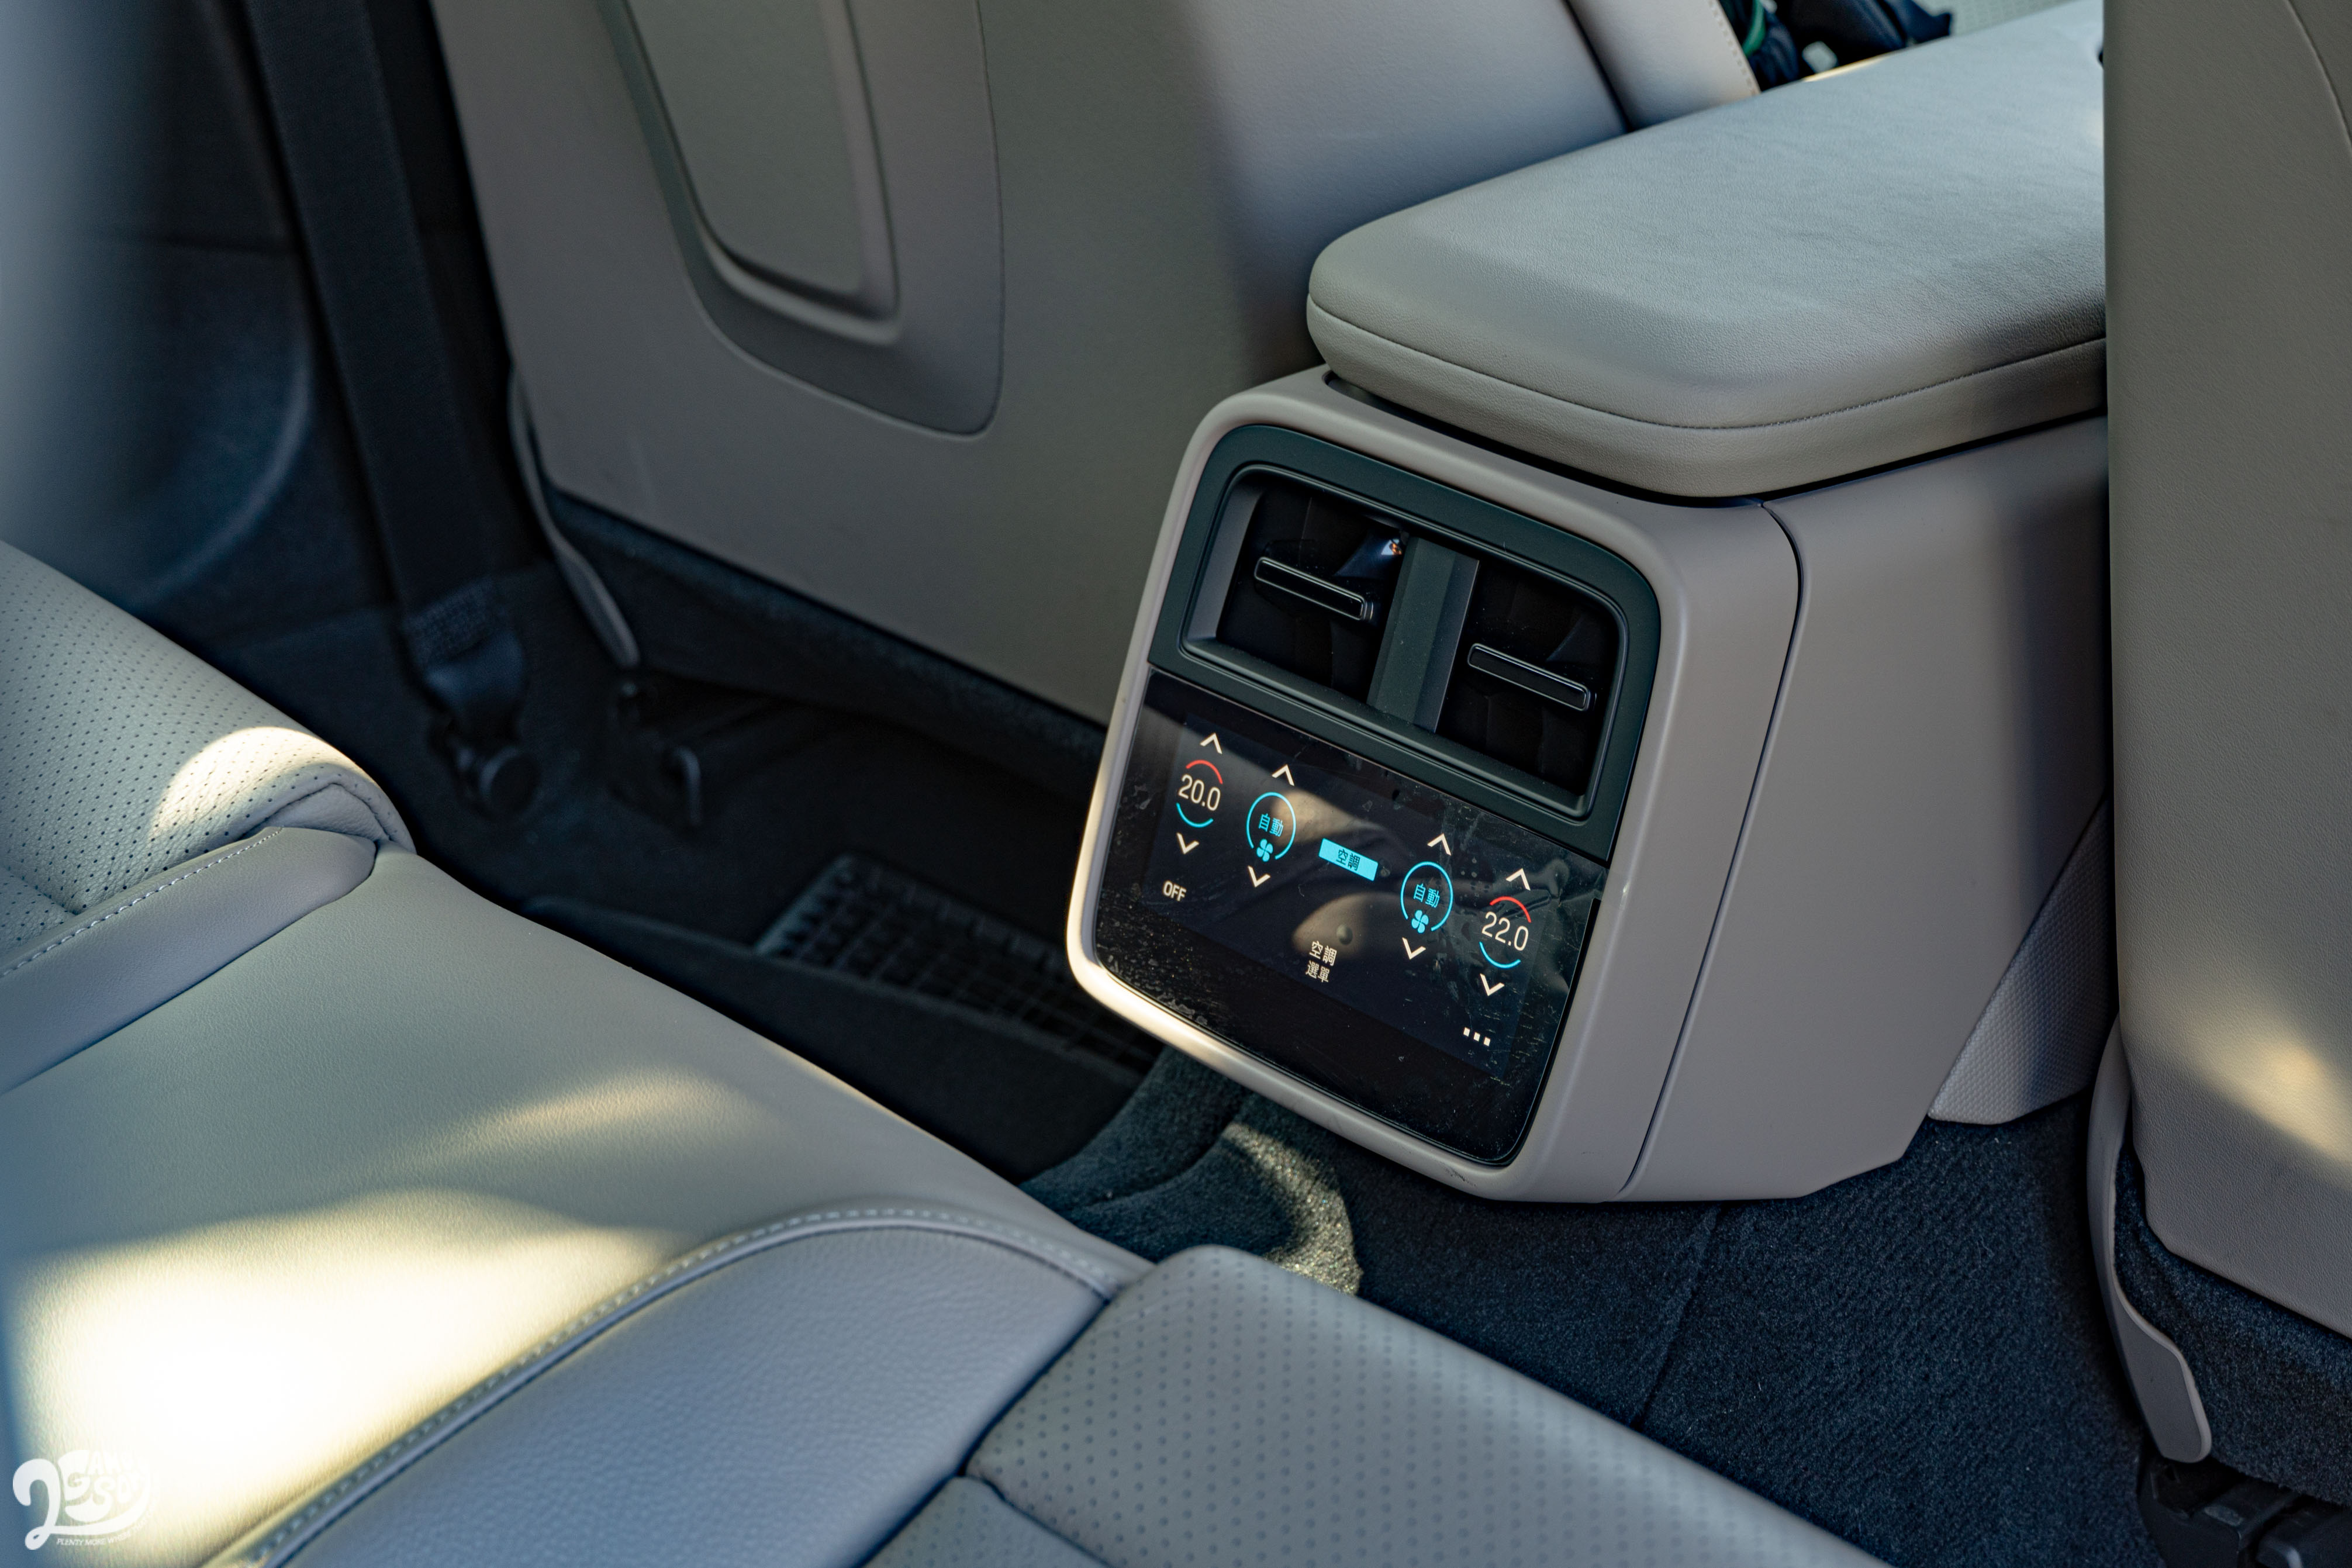 後座空調透過觸控螢幕控制。